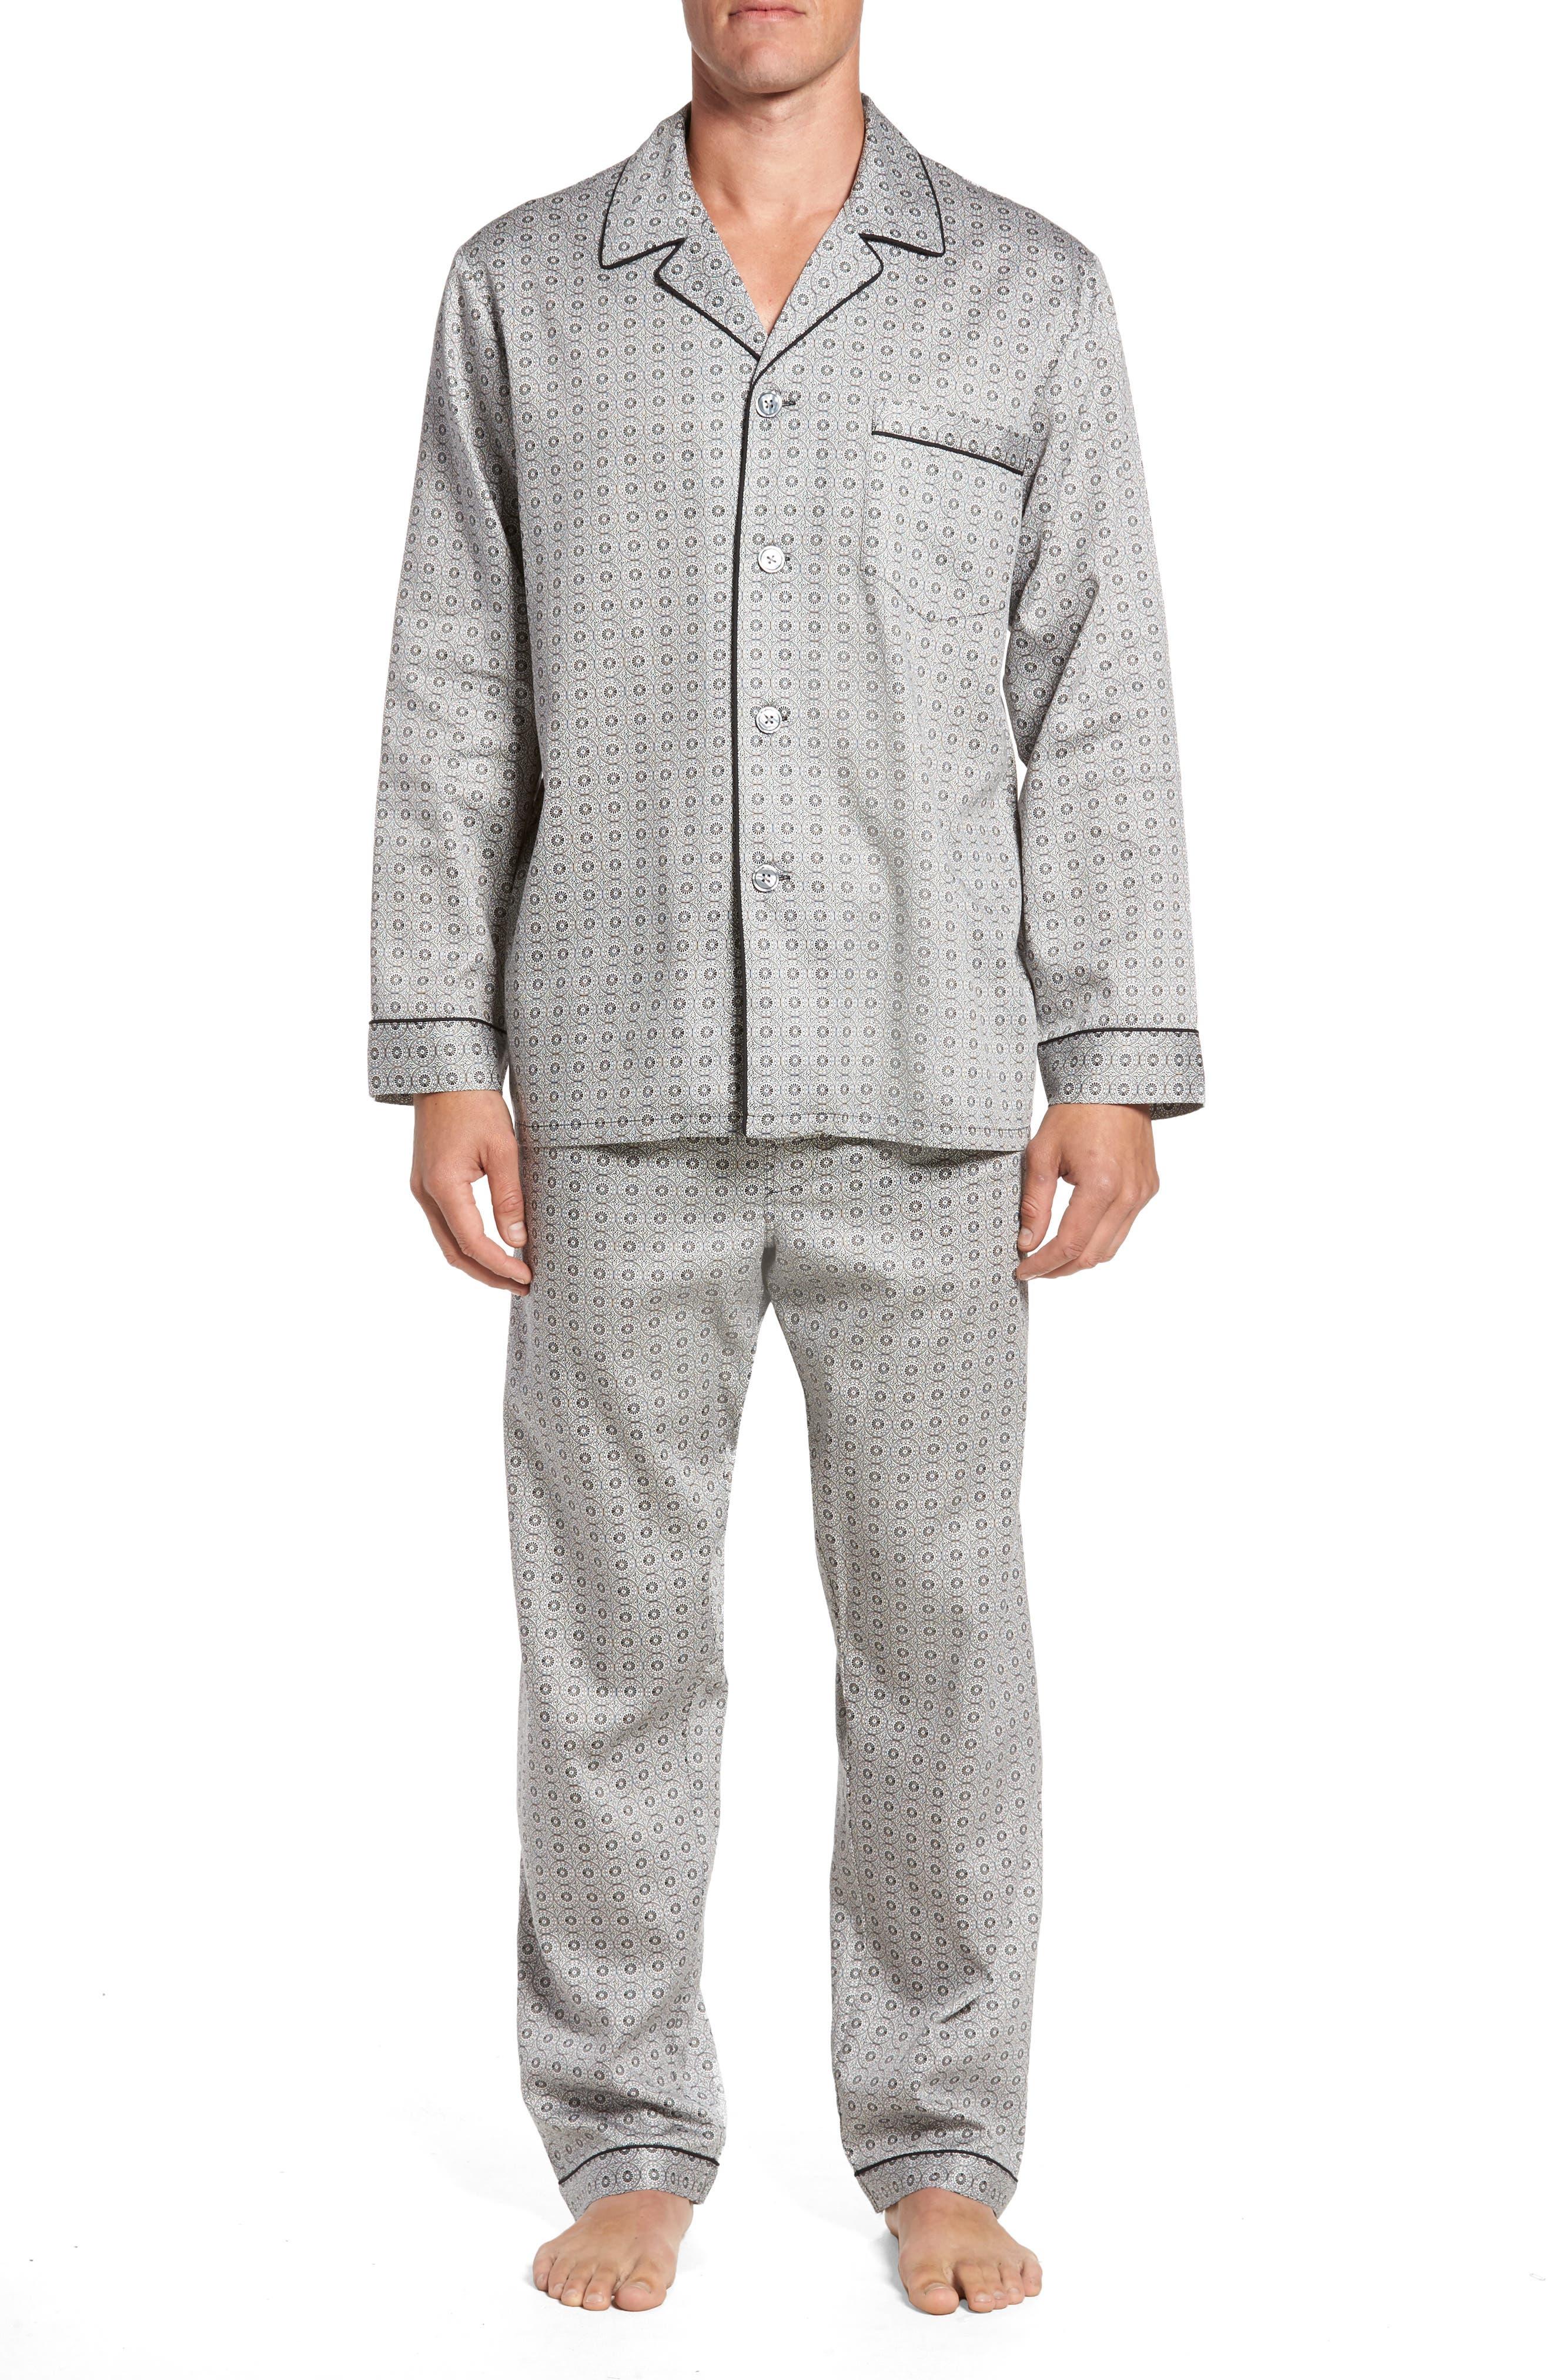 Majestic International Winterlude Patterned Pajama Set